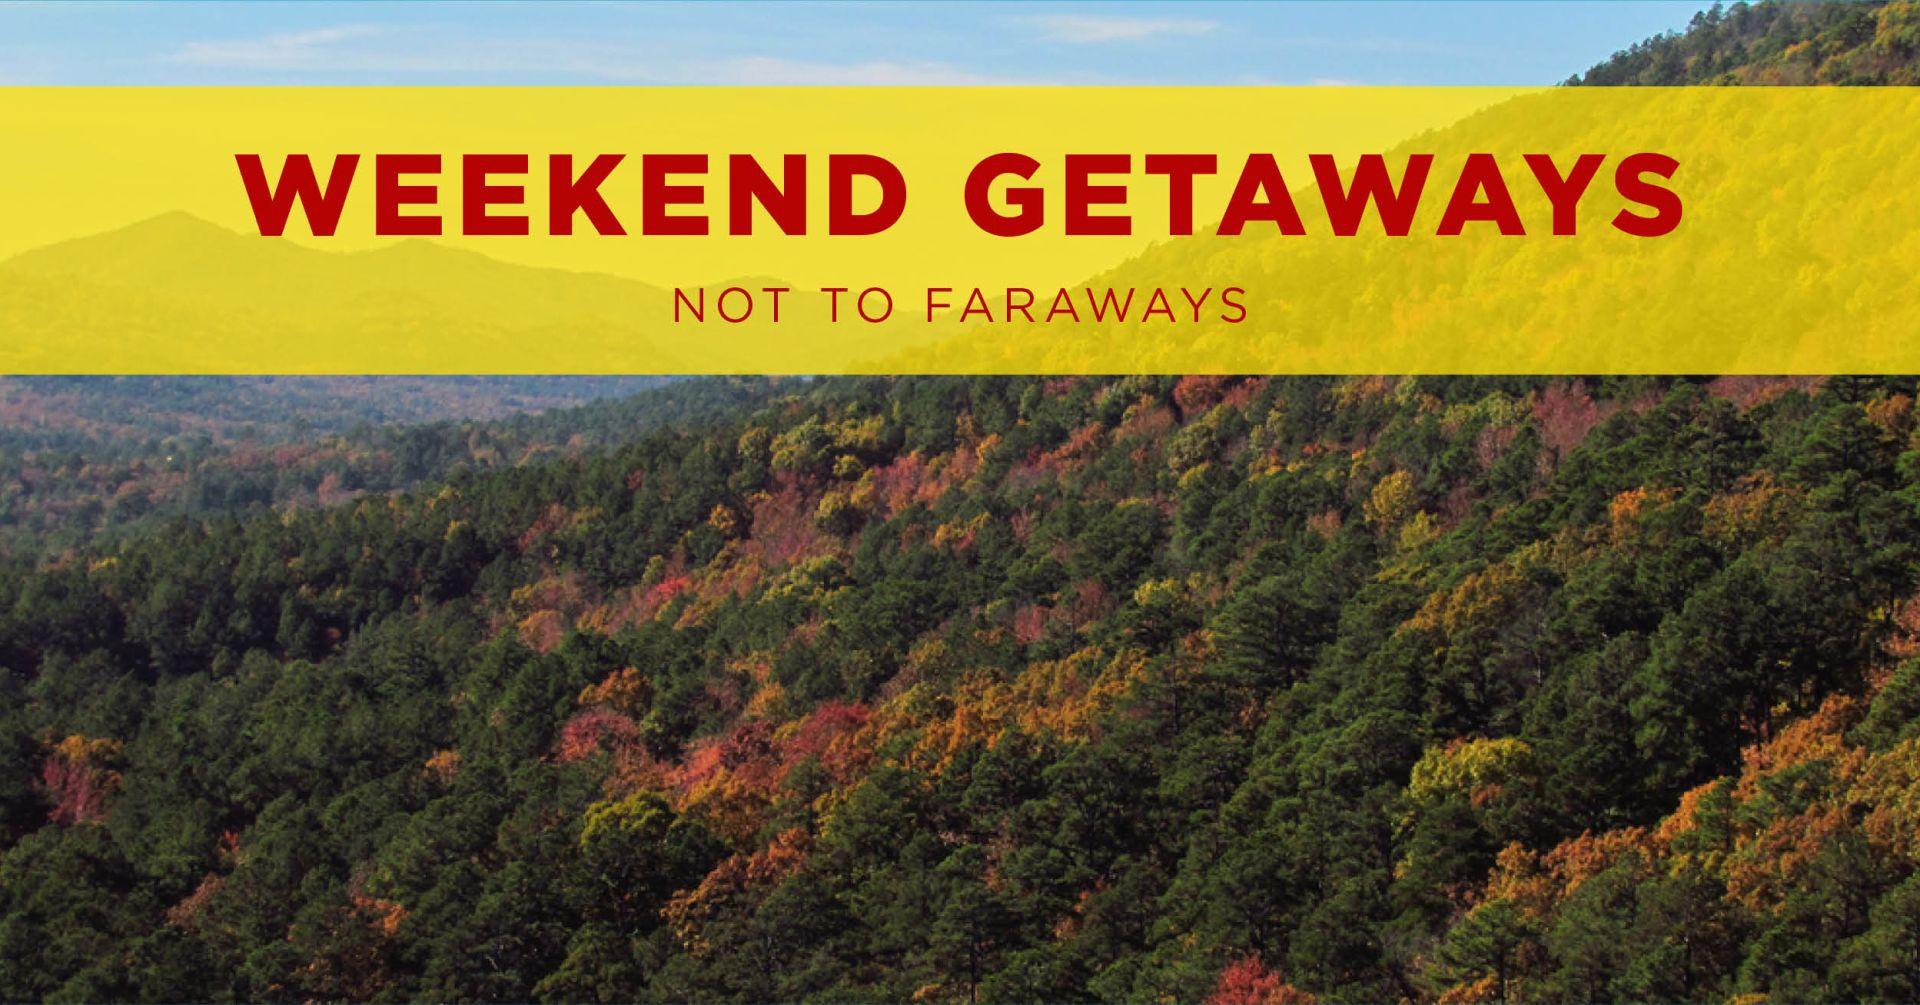 Weekend Getaways, Not too Faraways